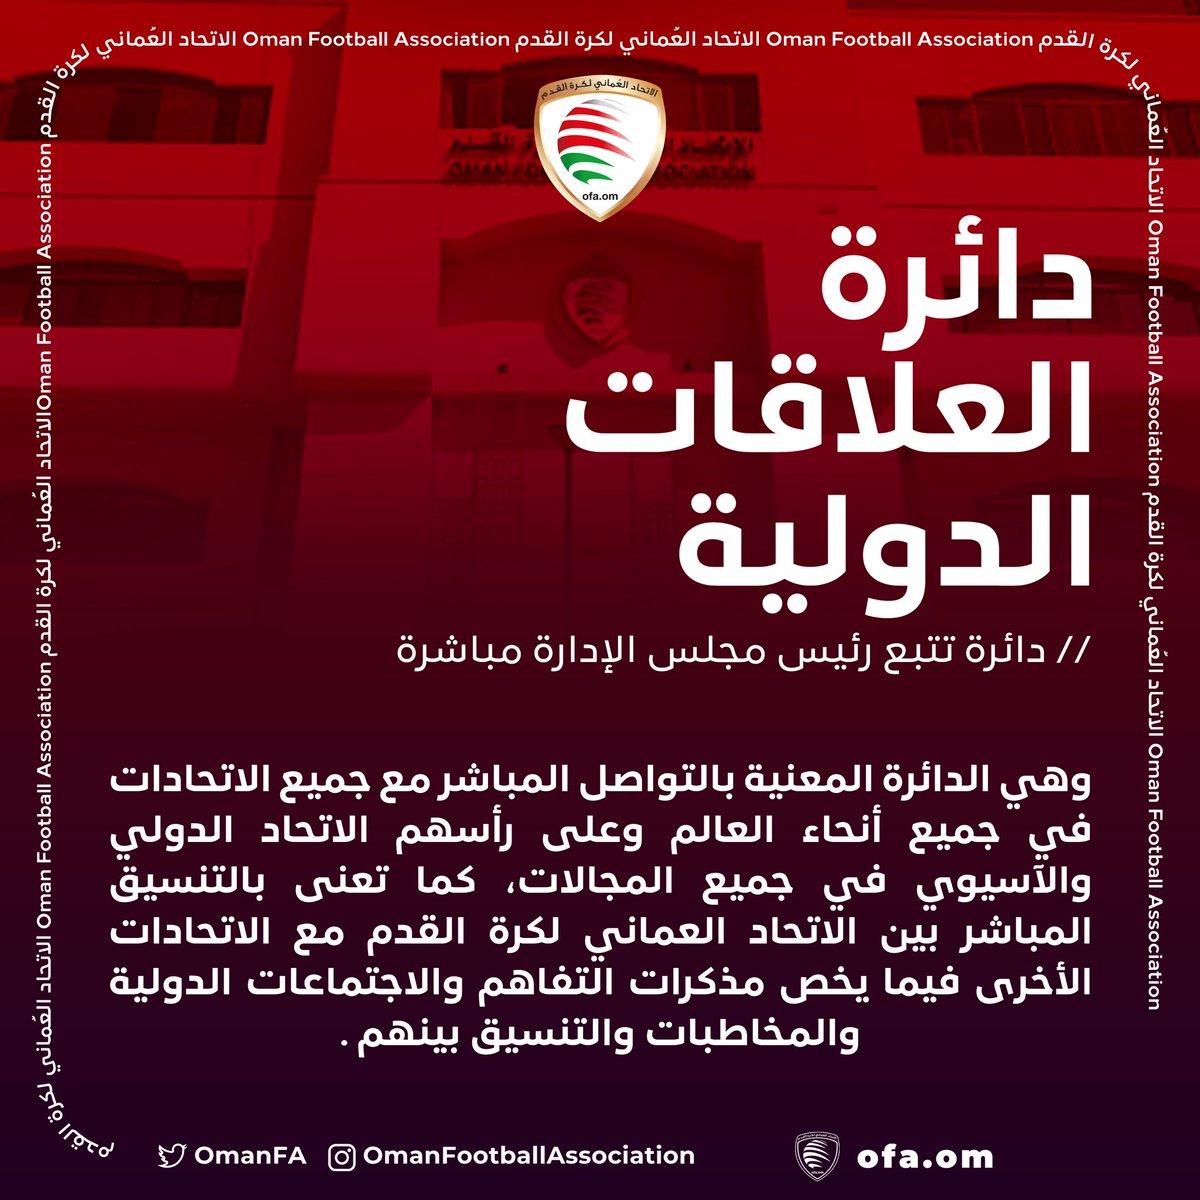 @omar_oman2020 - أهلا بك